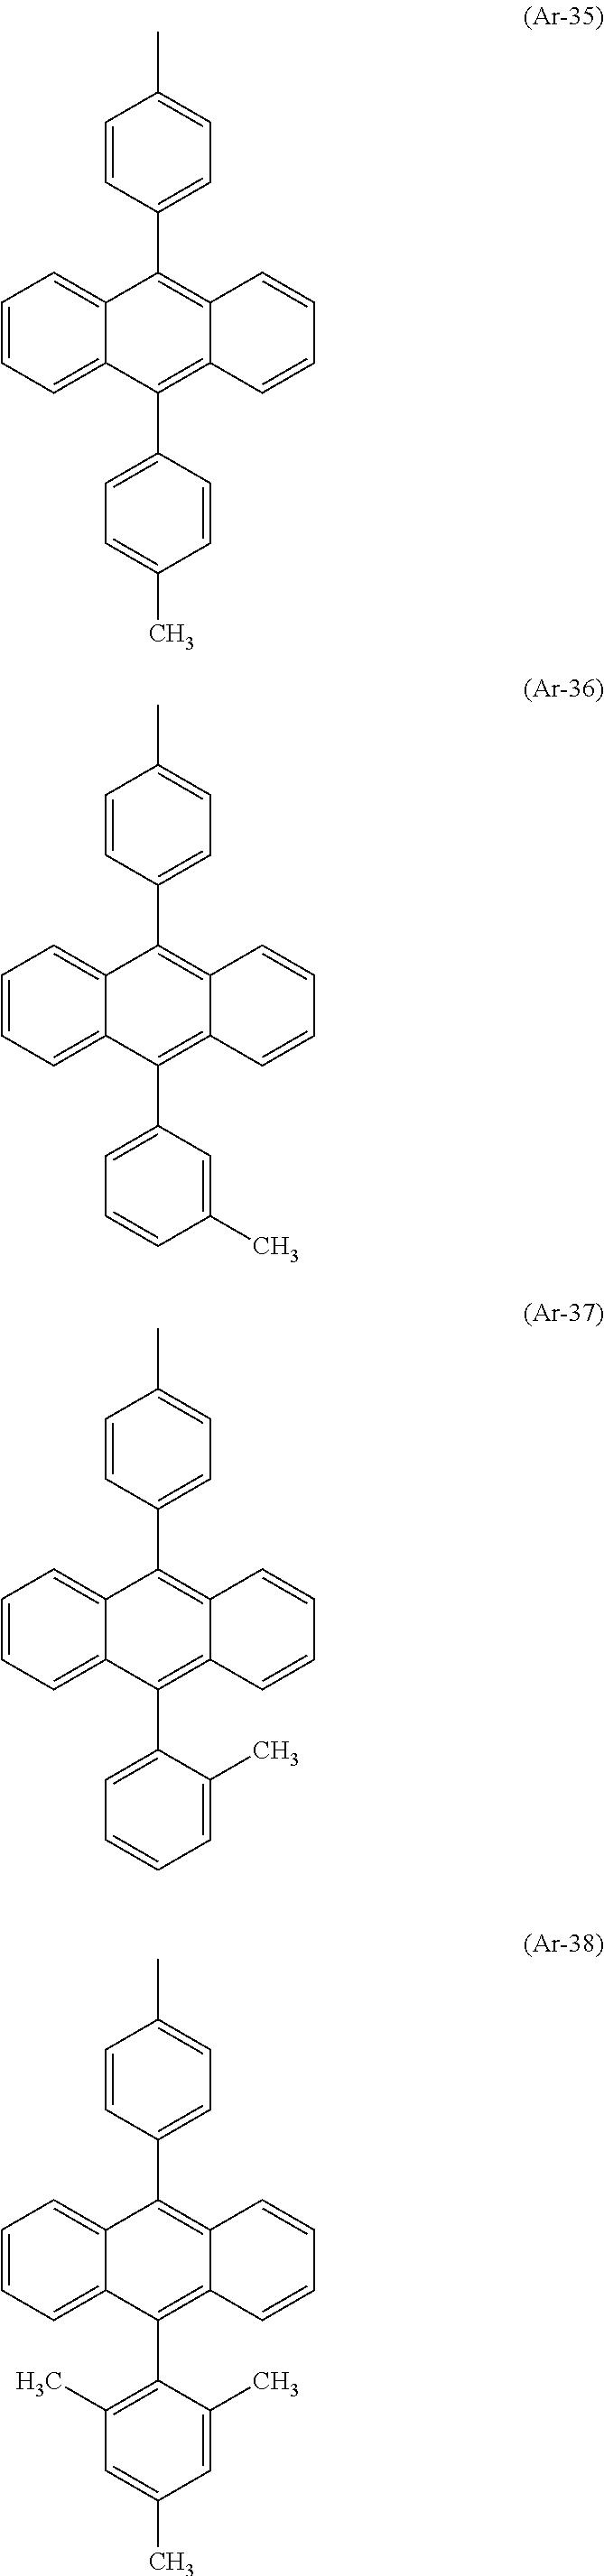 Figure US20130020561A1-20130124-C00025